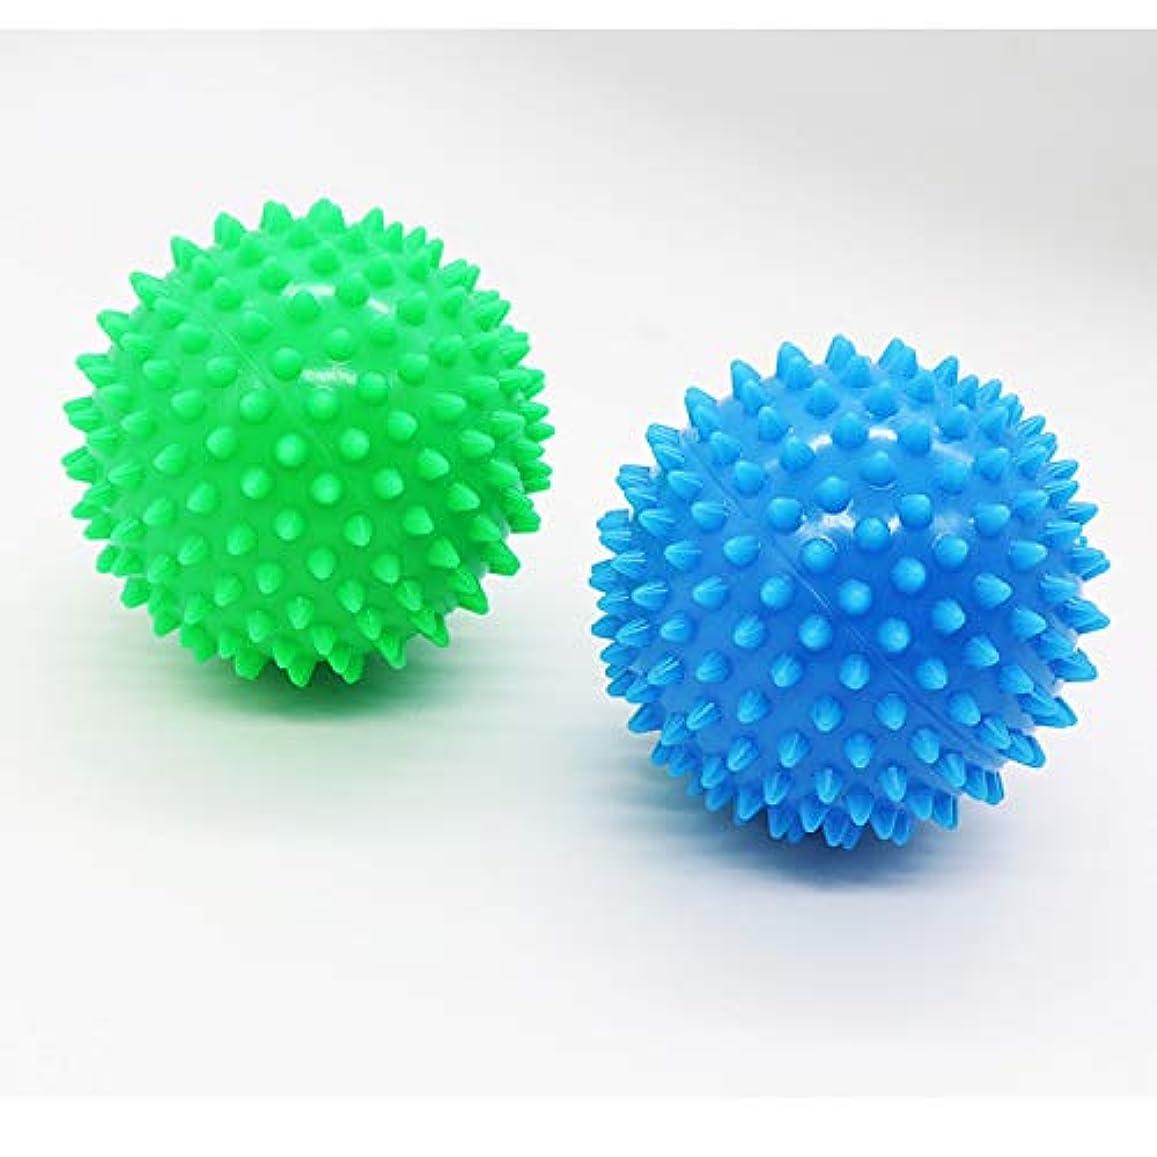 爆風路地できたDreecy マッサージボール(2個セット)触覚ボール リフレックスボール トレーニングボール  ポイントマッサージ 筋筋膜リリース 筋肉緊張和らげ 血液循環促進 9cm(青+緑)